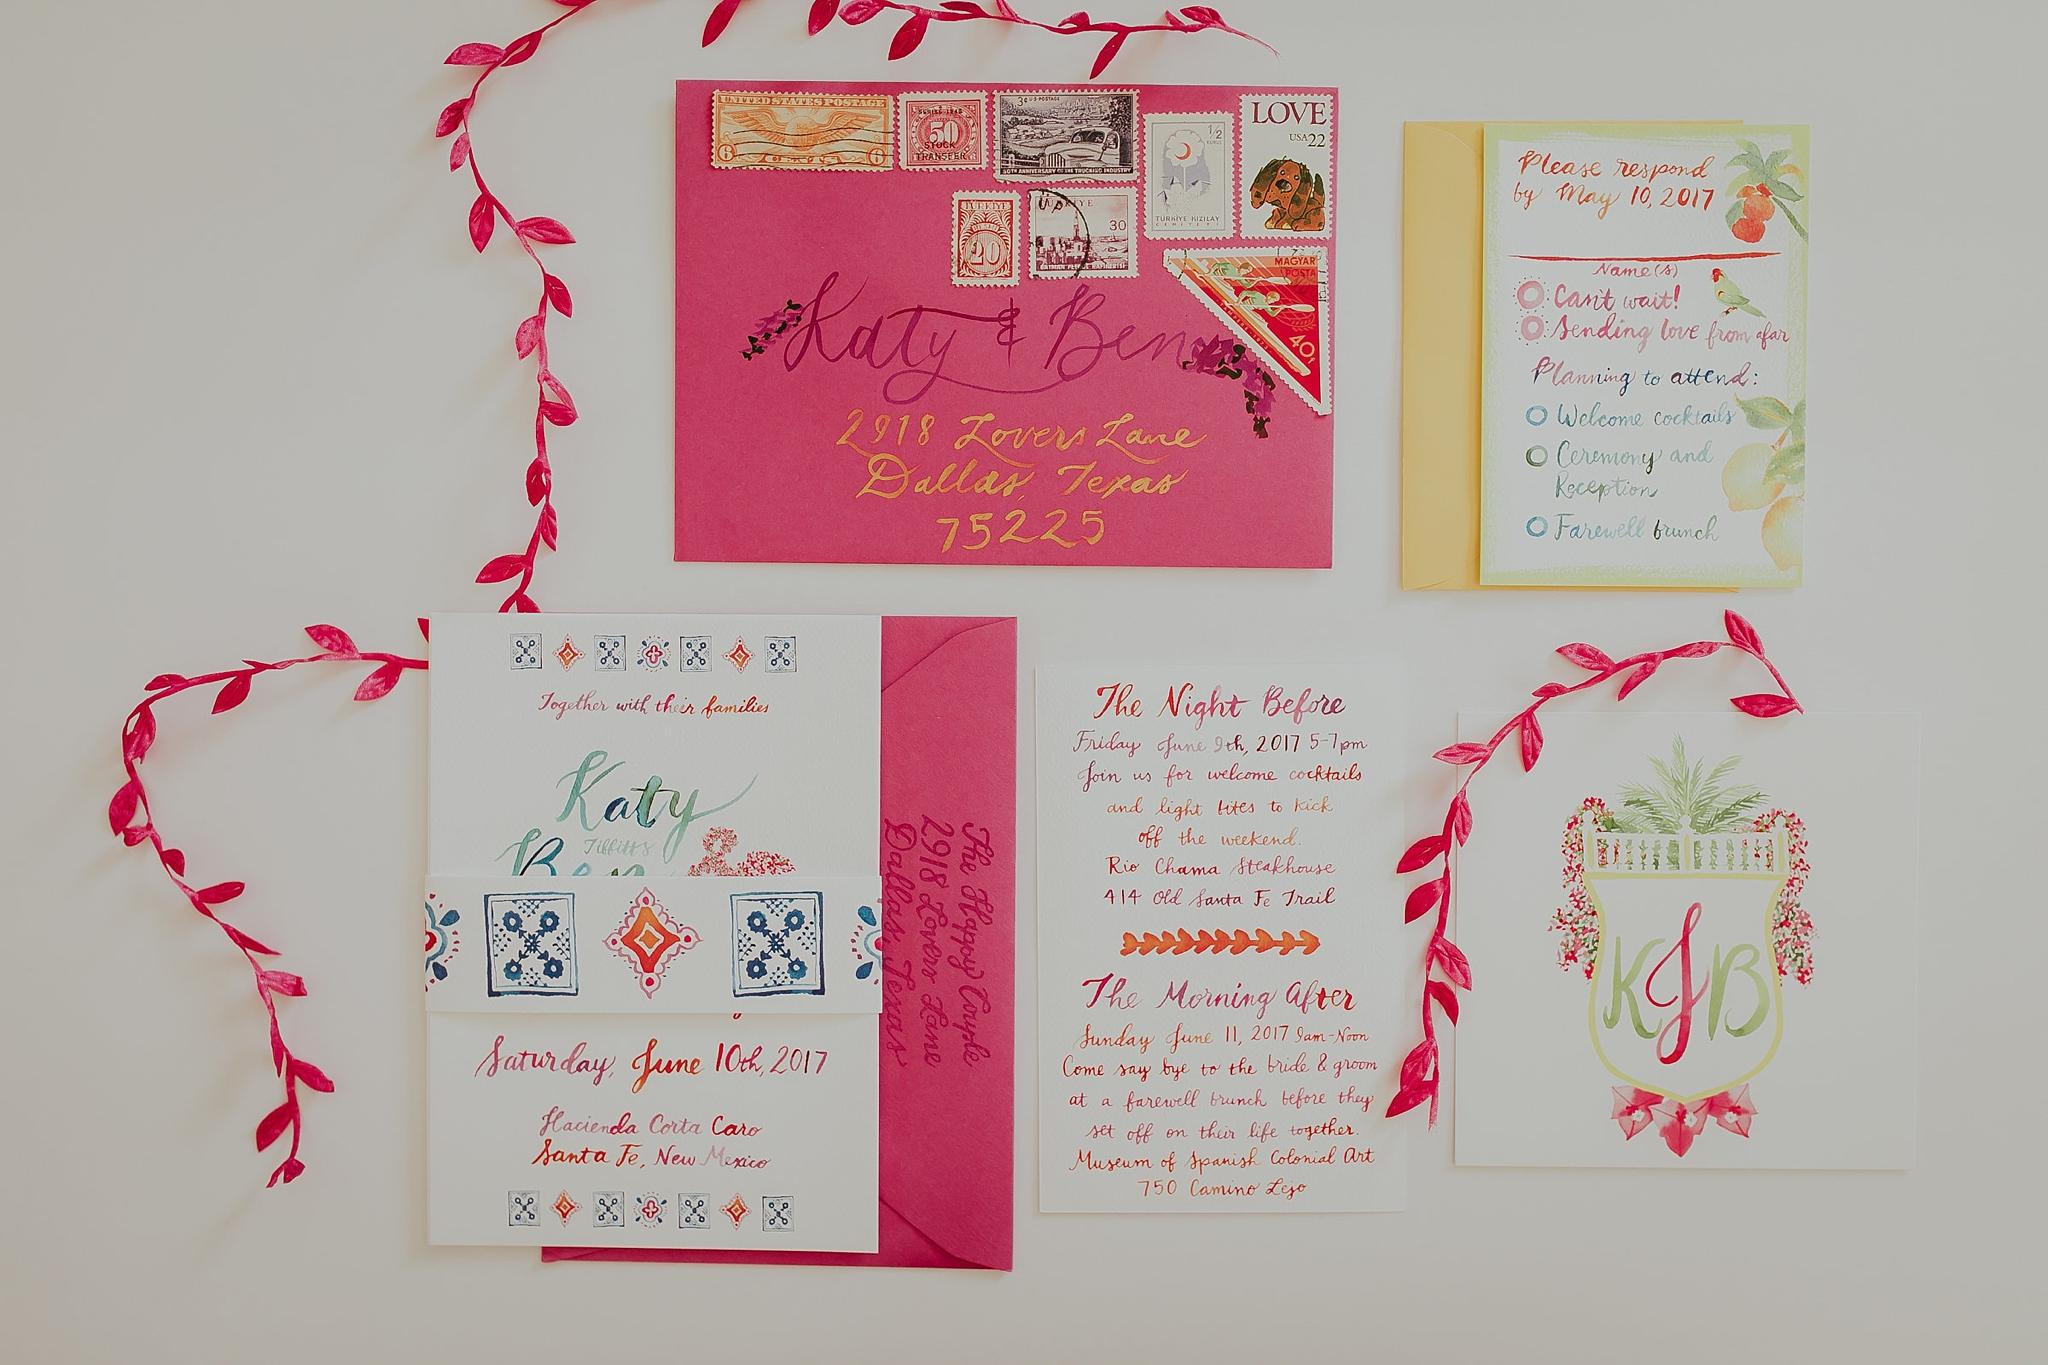 Alicia+lucia+photography+-+albuquerque+wedding+photographer+-+santa+fe+wedding+photography+-+new+mexico+wedding+photographer+-+new+mexico+wedding+-+wedding+invitations+-+invitation+suite+-+wedding+inspo_0037.jpg